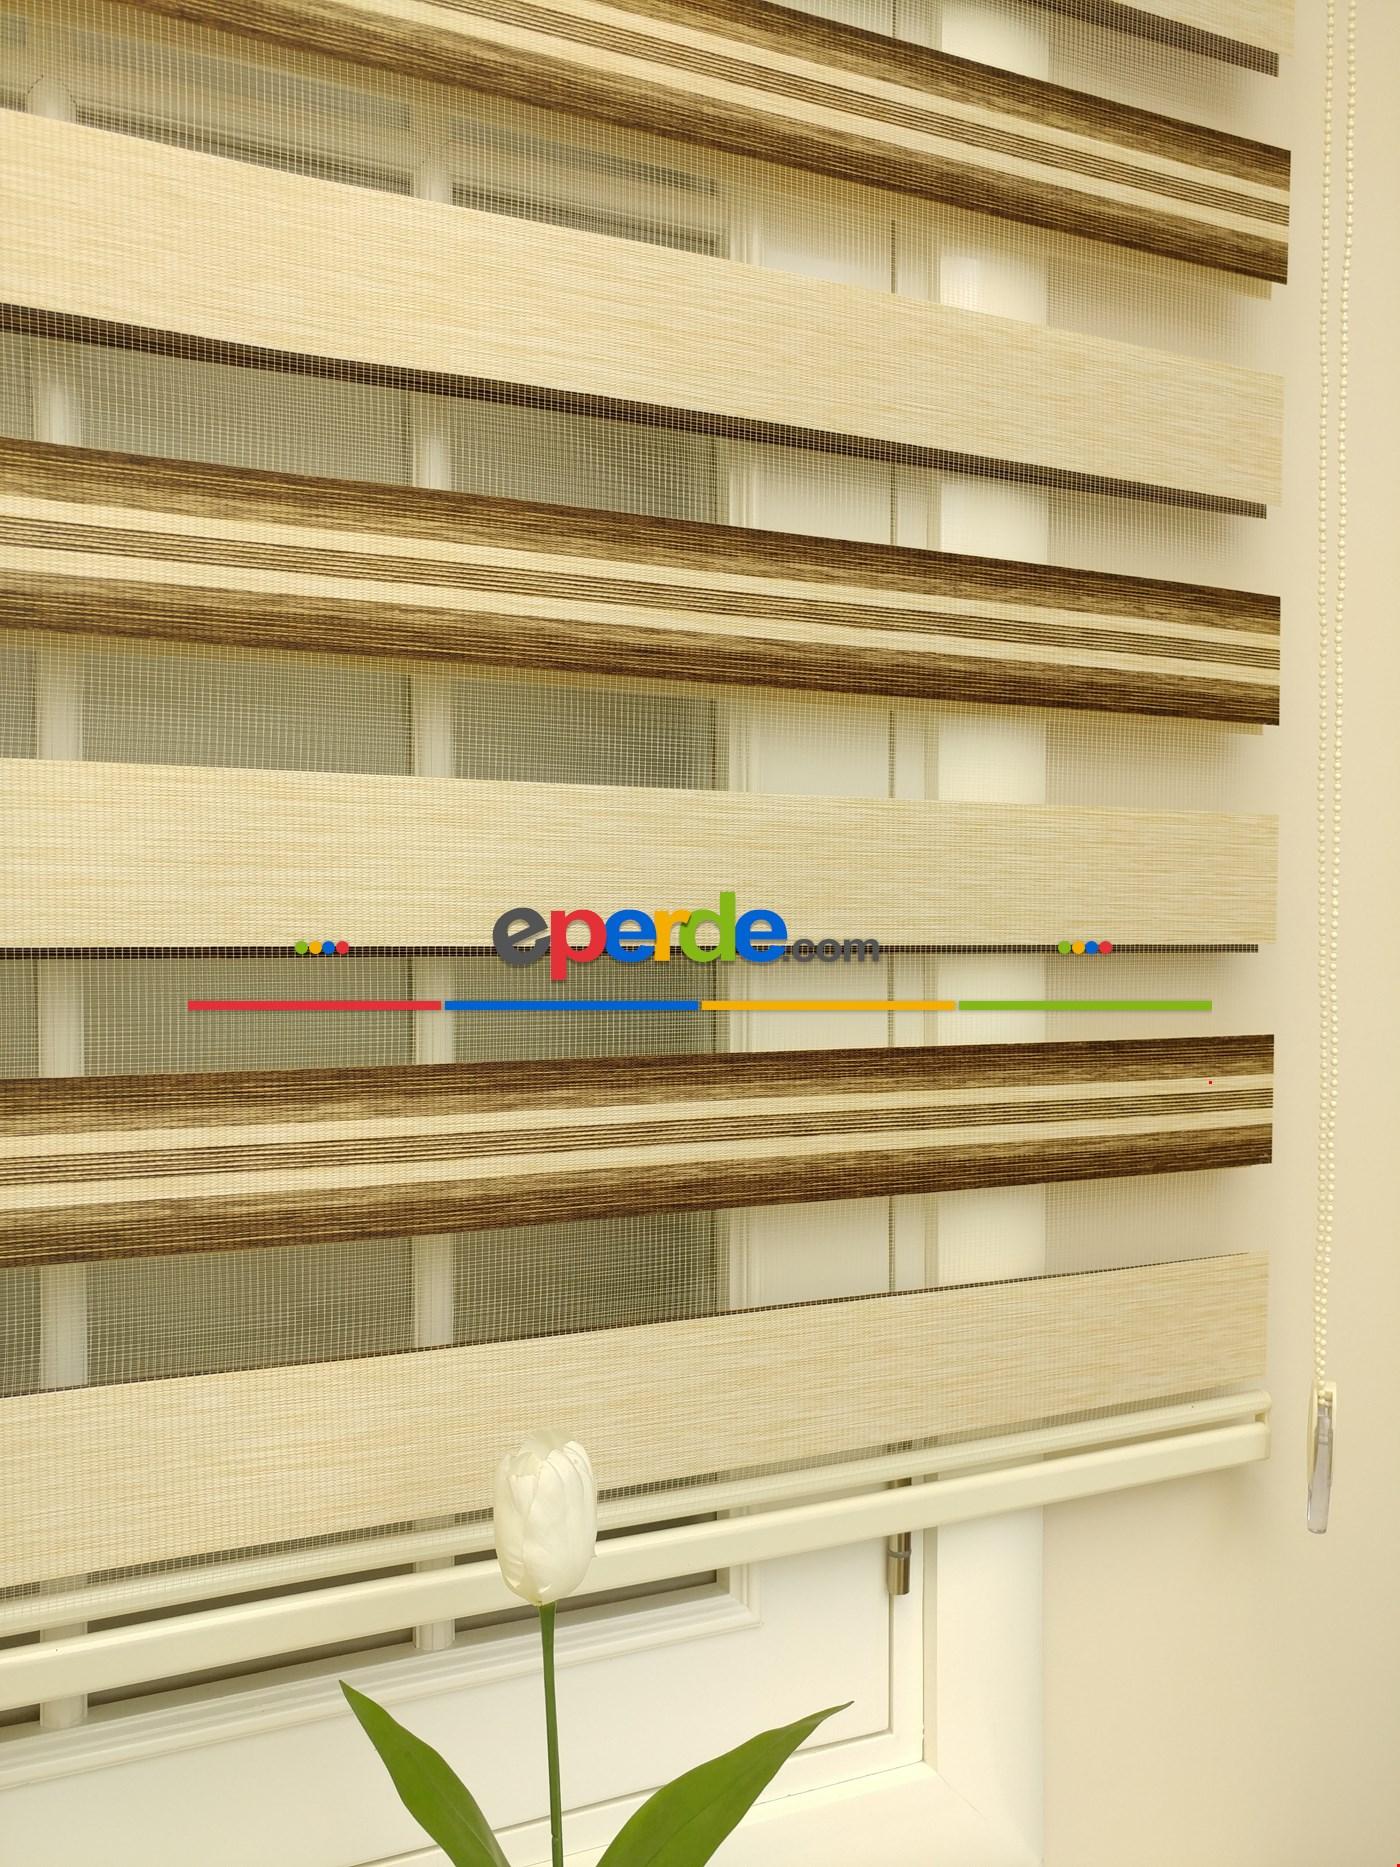 Zebra Perde - Caprice A.vizon-bej Renk Bambu (geçiş Zeminli)